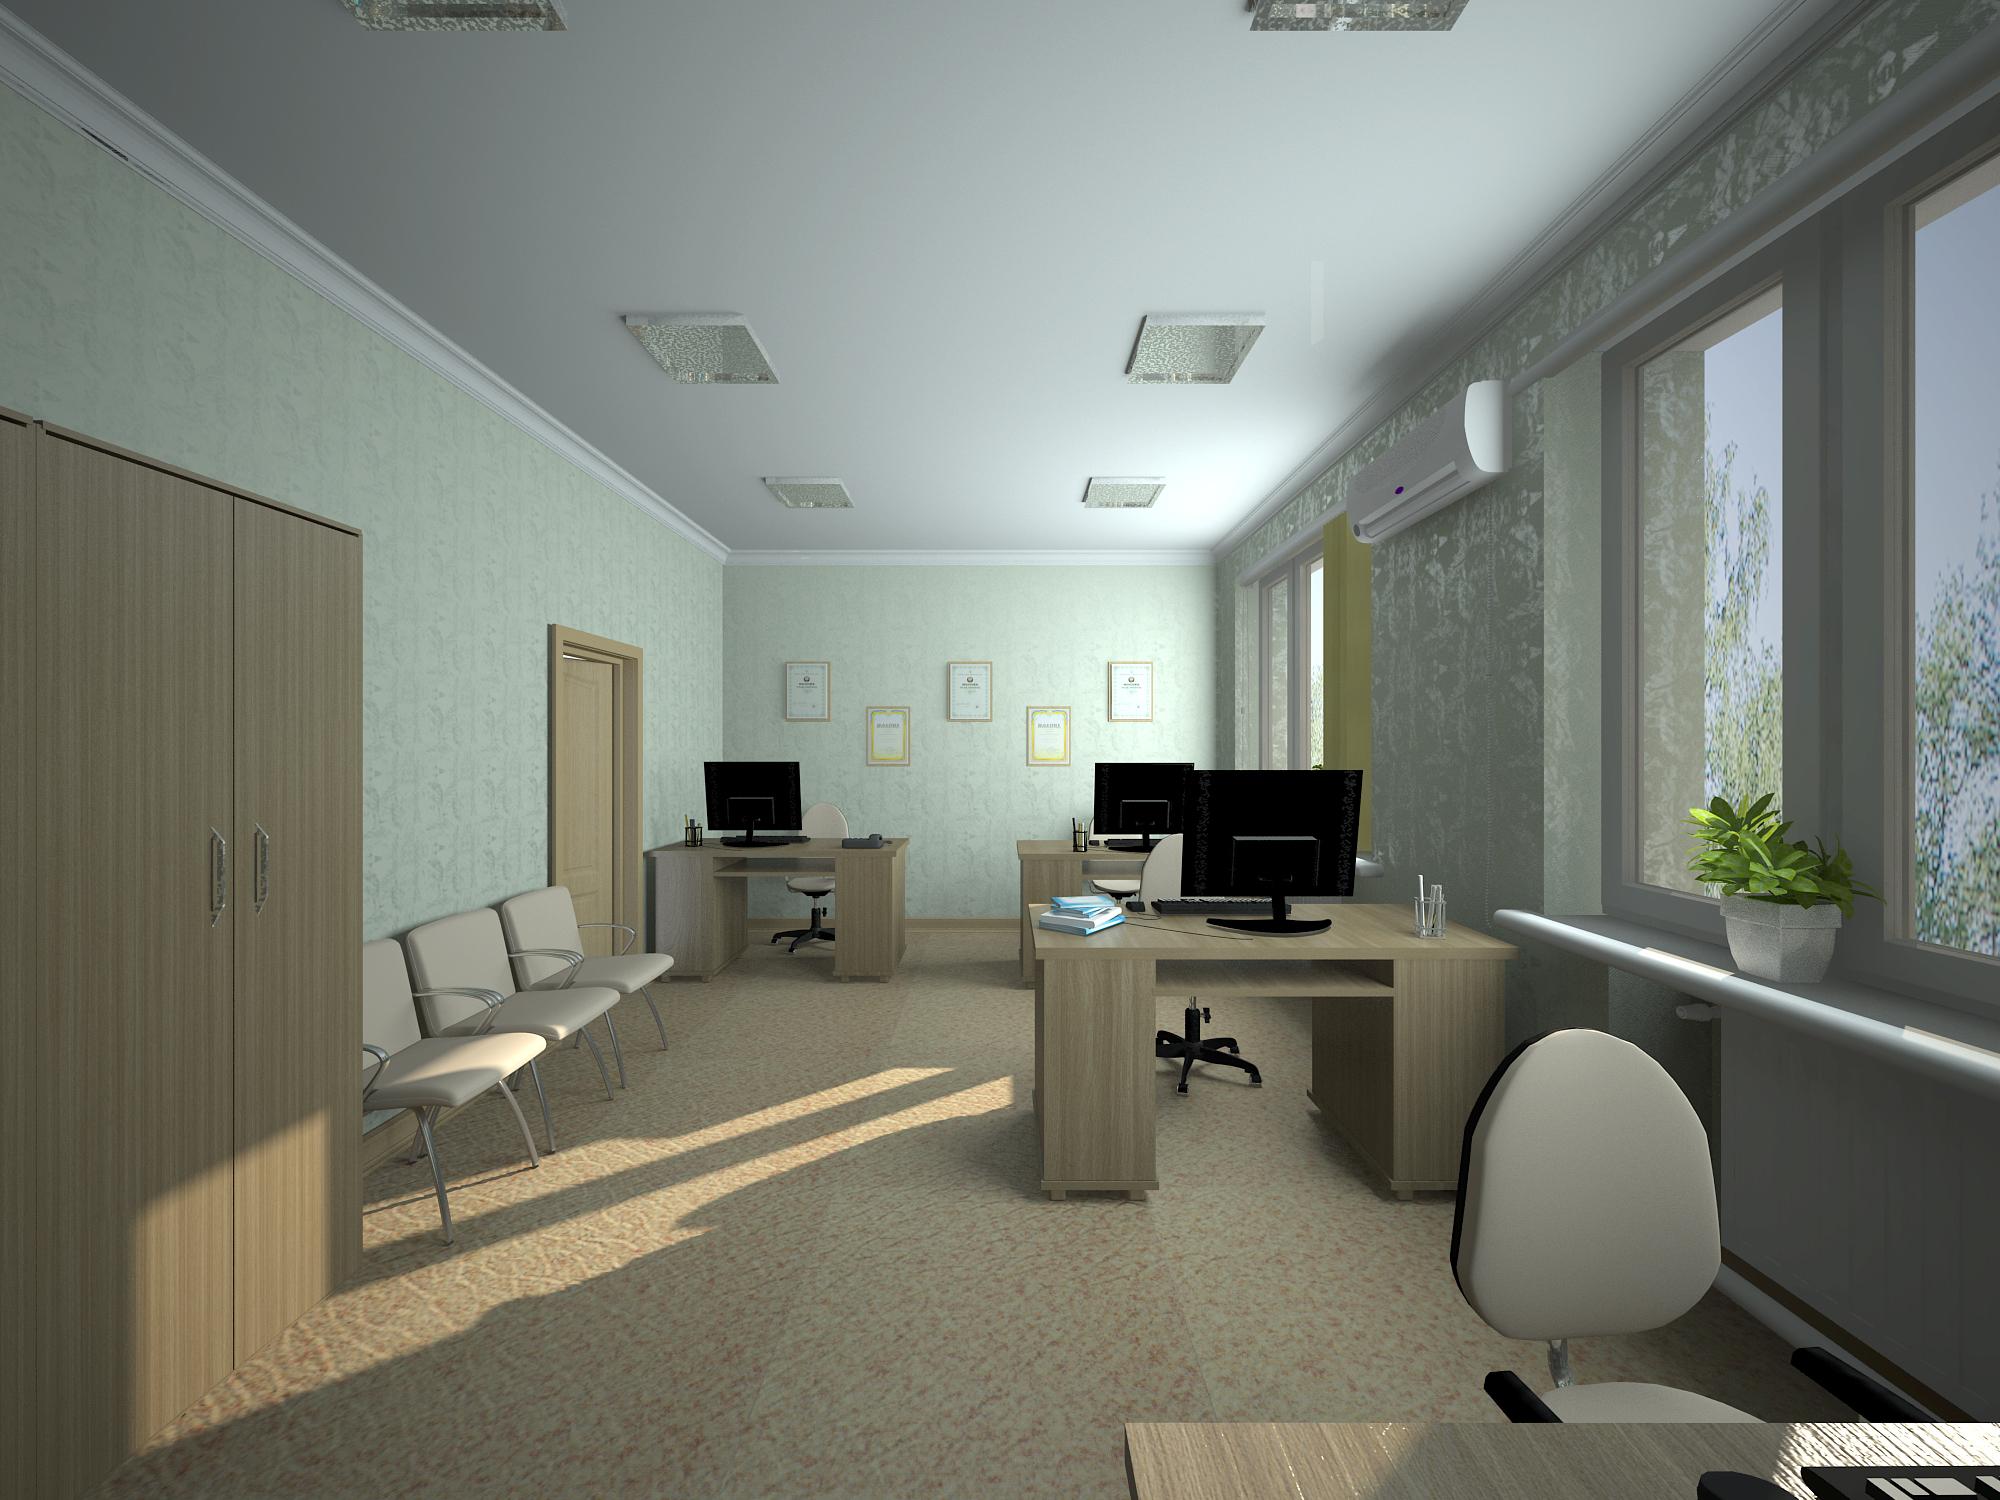 स्लावयस्क का कार्यालय 3d max vray 3.0 में प्रस्तुत छवि